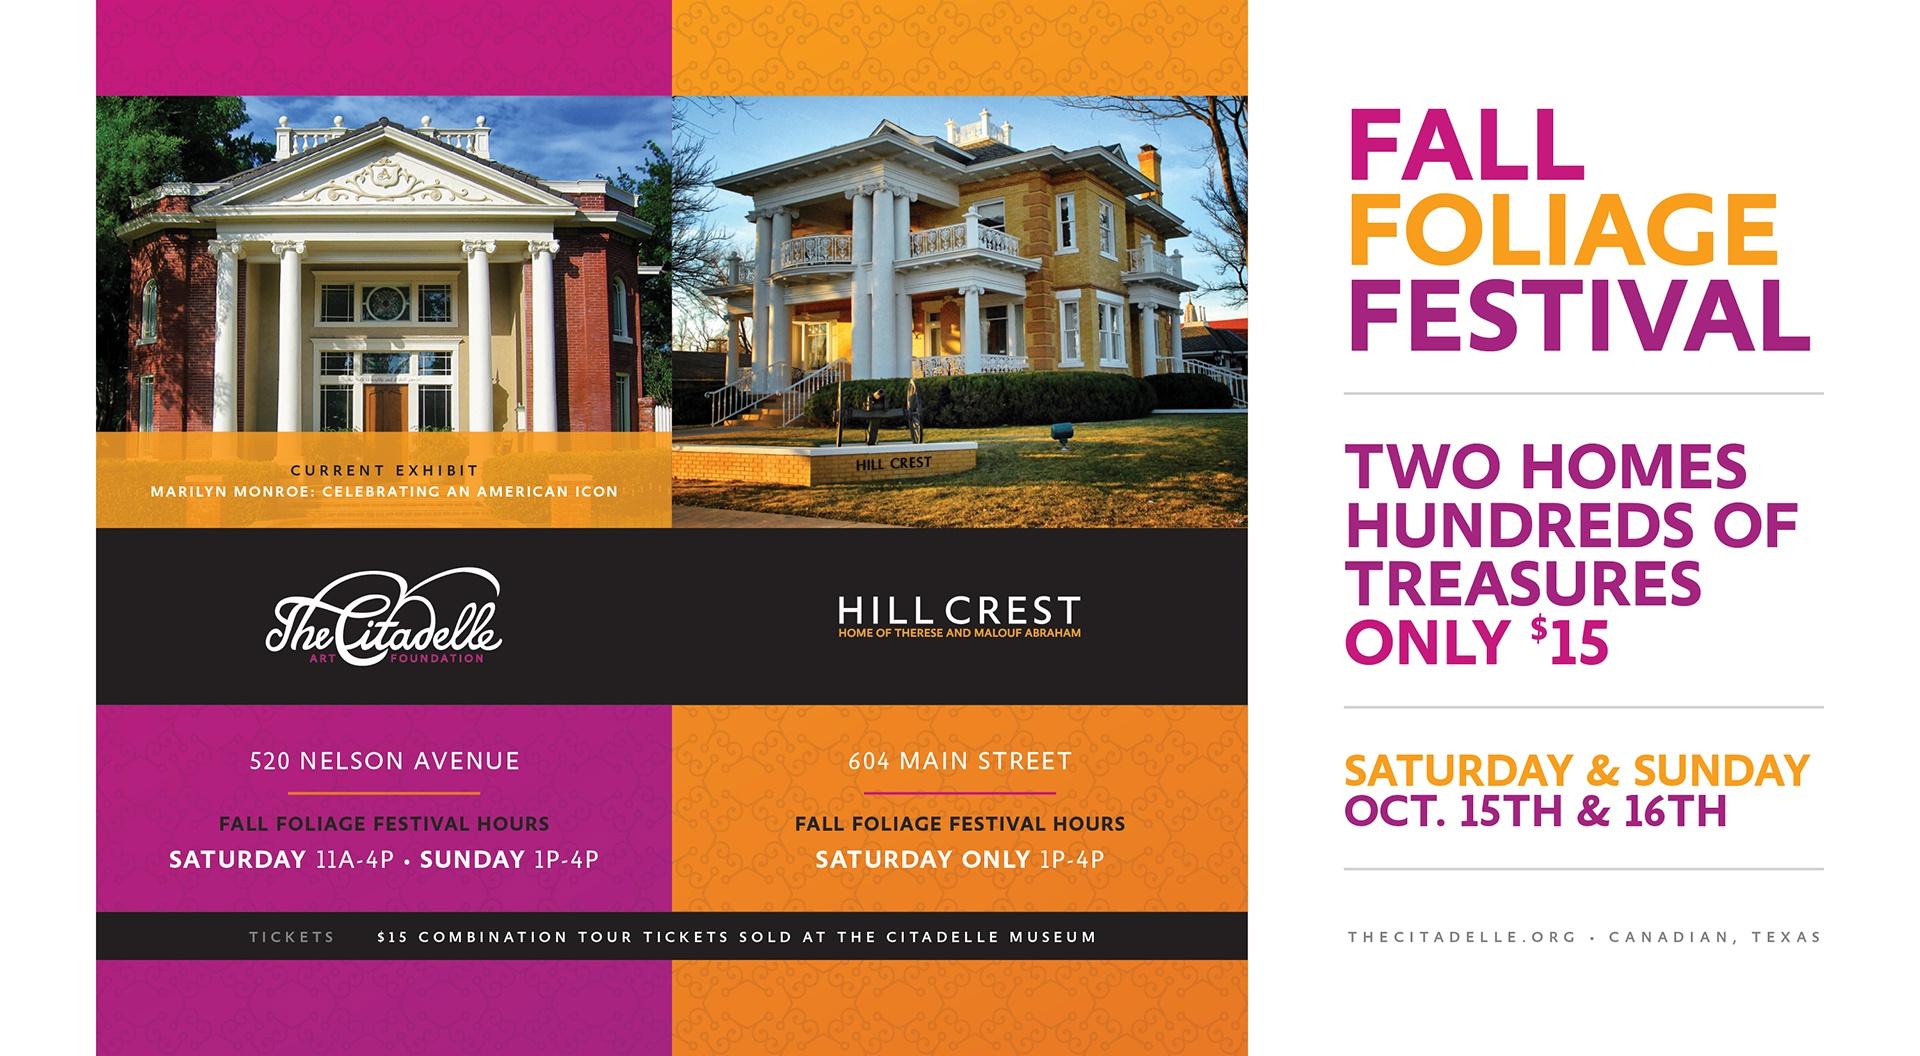 The Citadelle Fall Foliage Festival